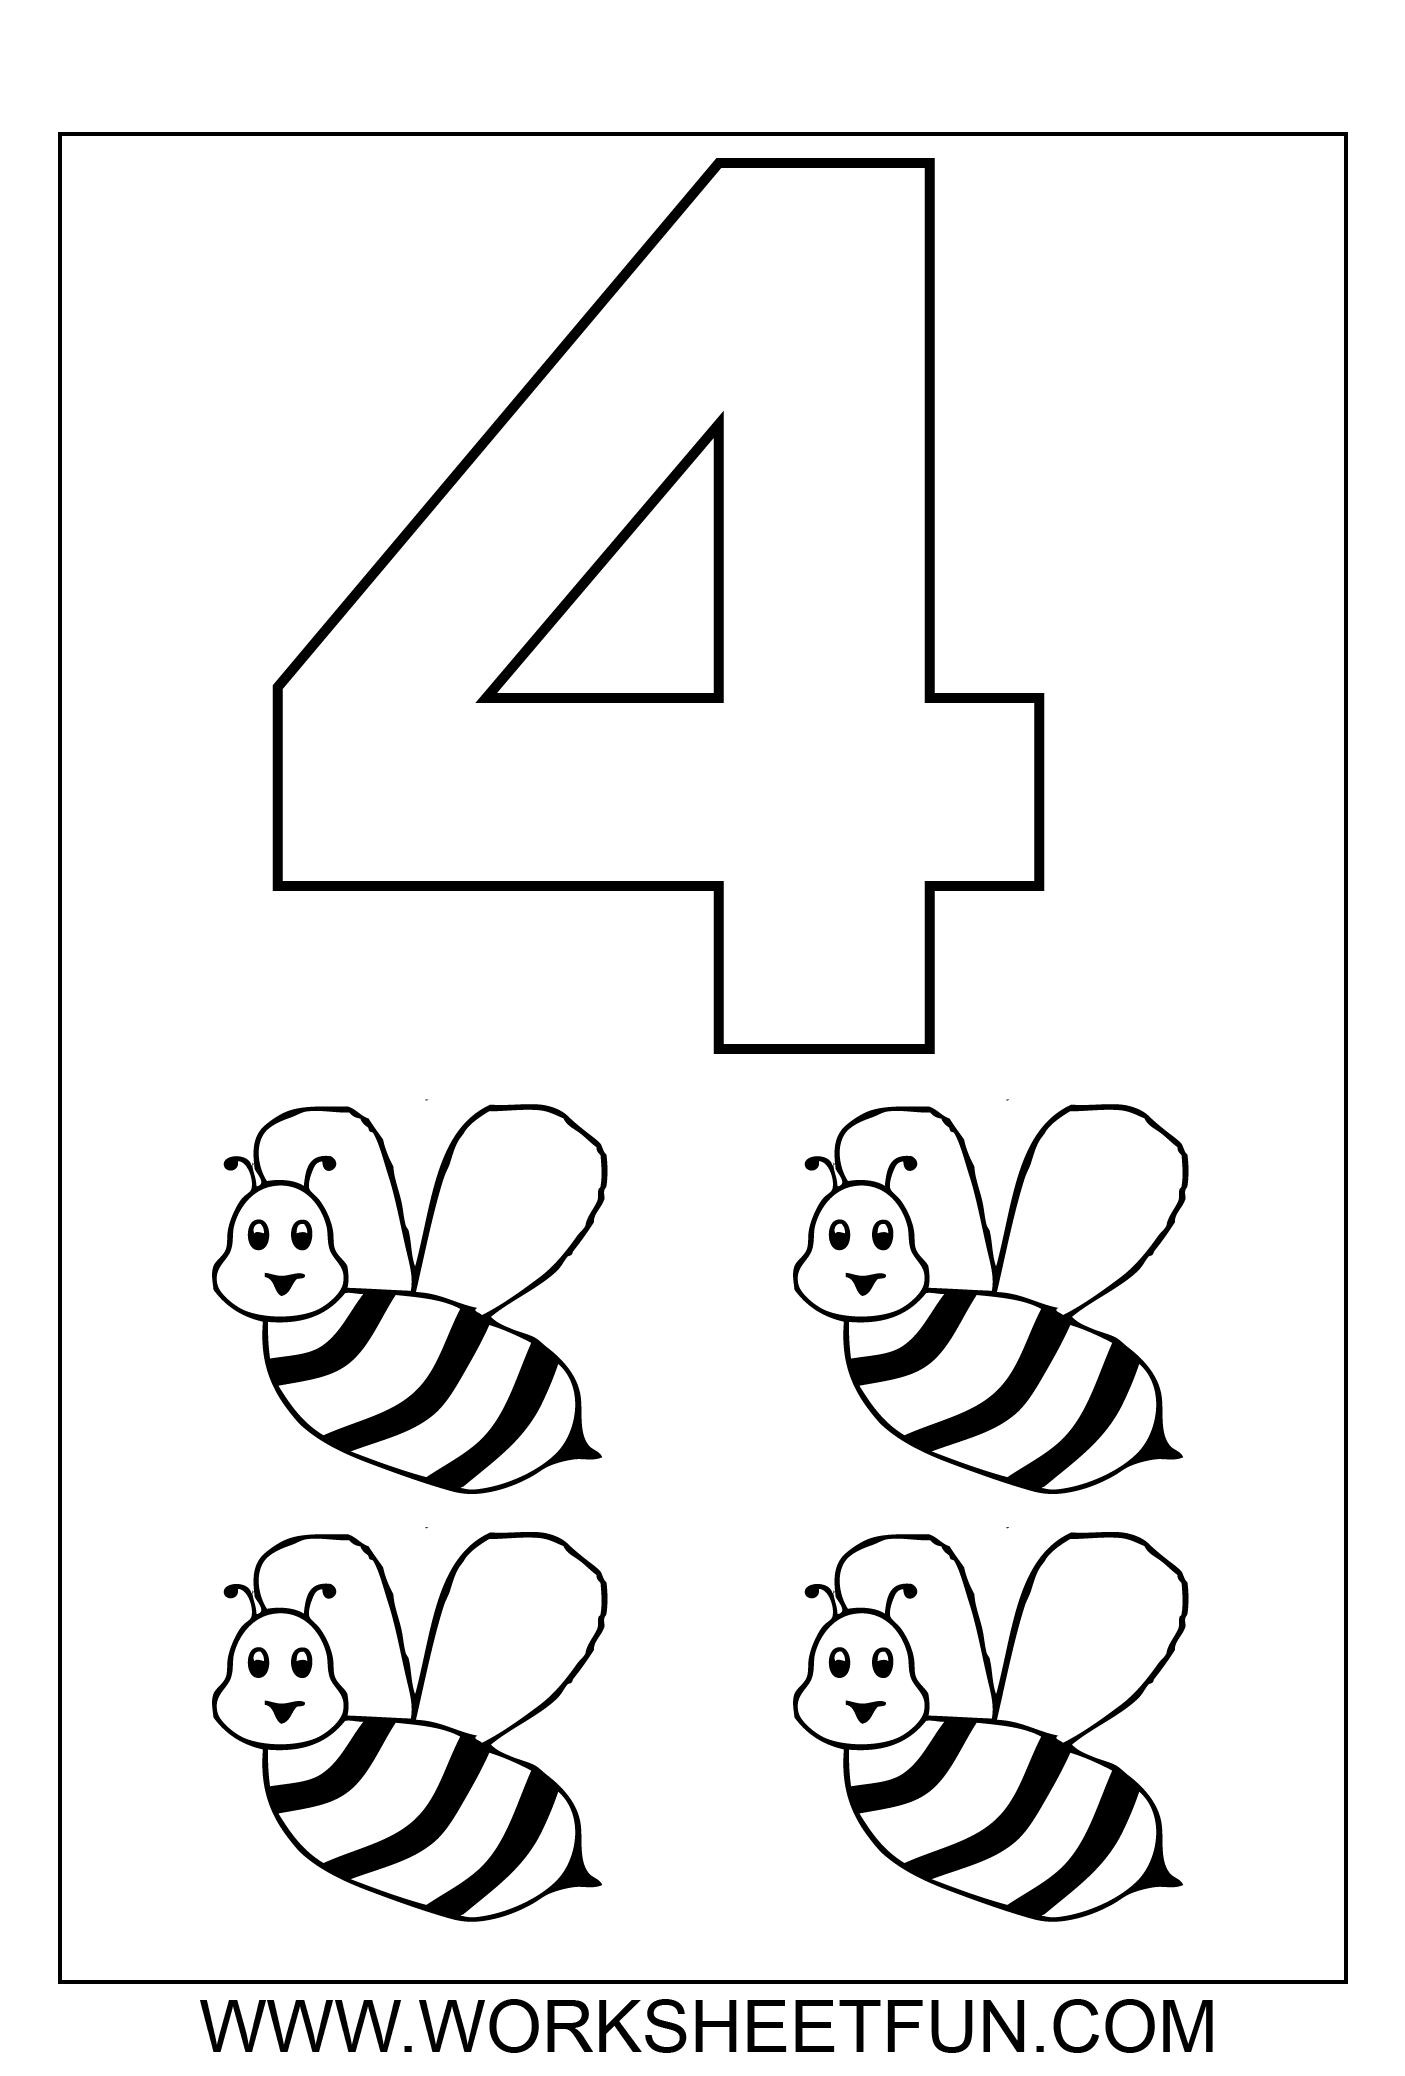 Number 4 Preschool Worksheet - Thimothy Worksheet